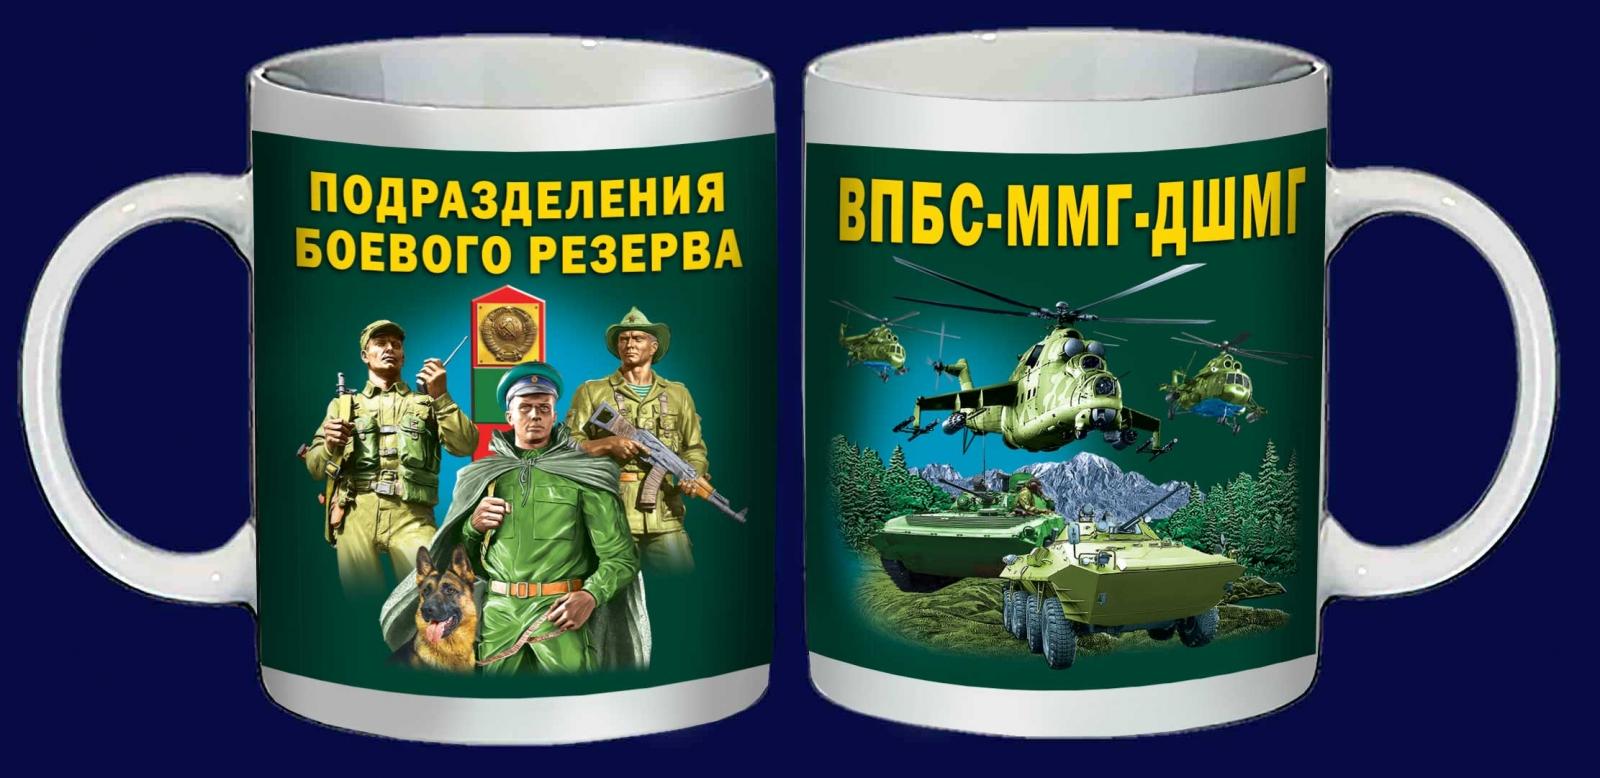 Кружка ВПБС-ММГ-ДШМГ